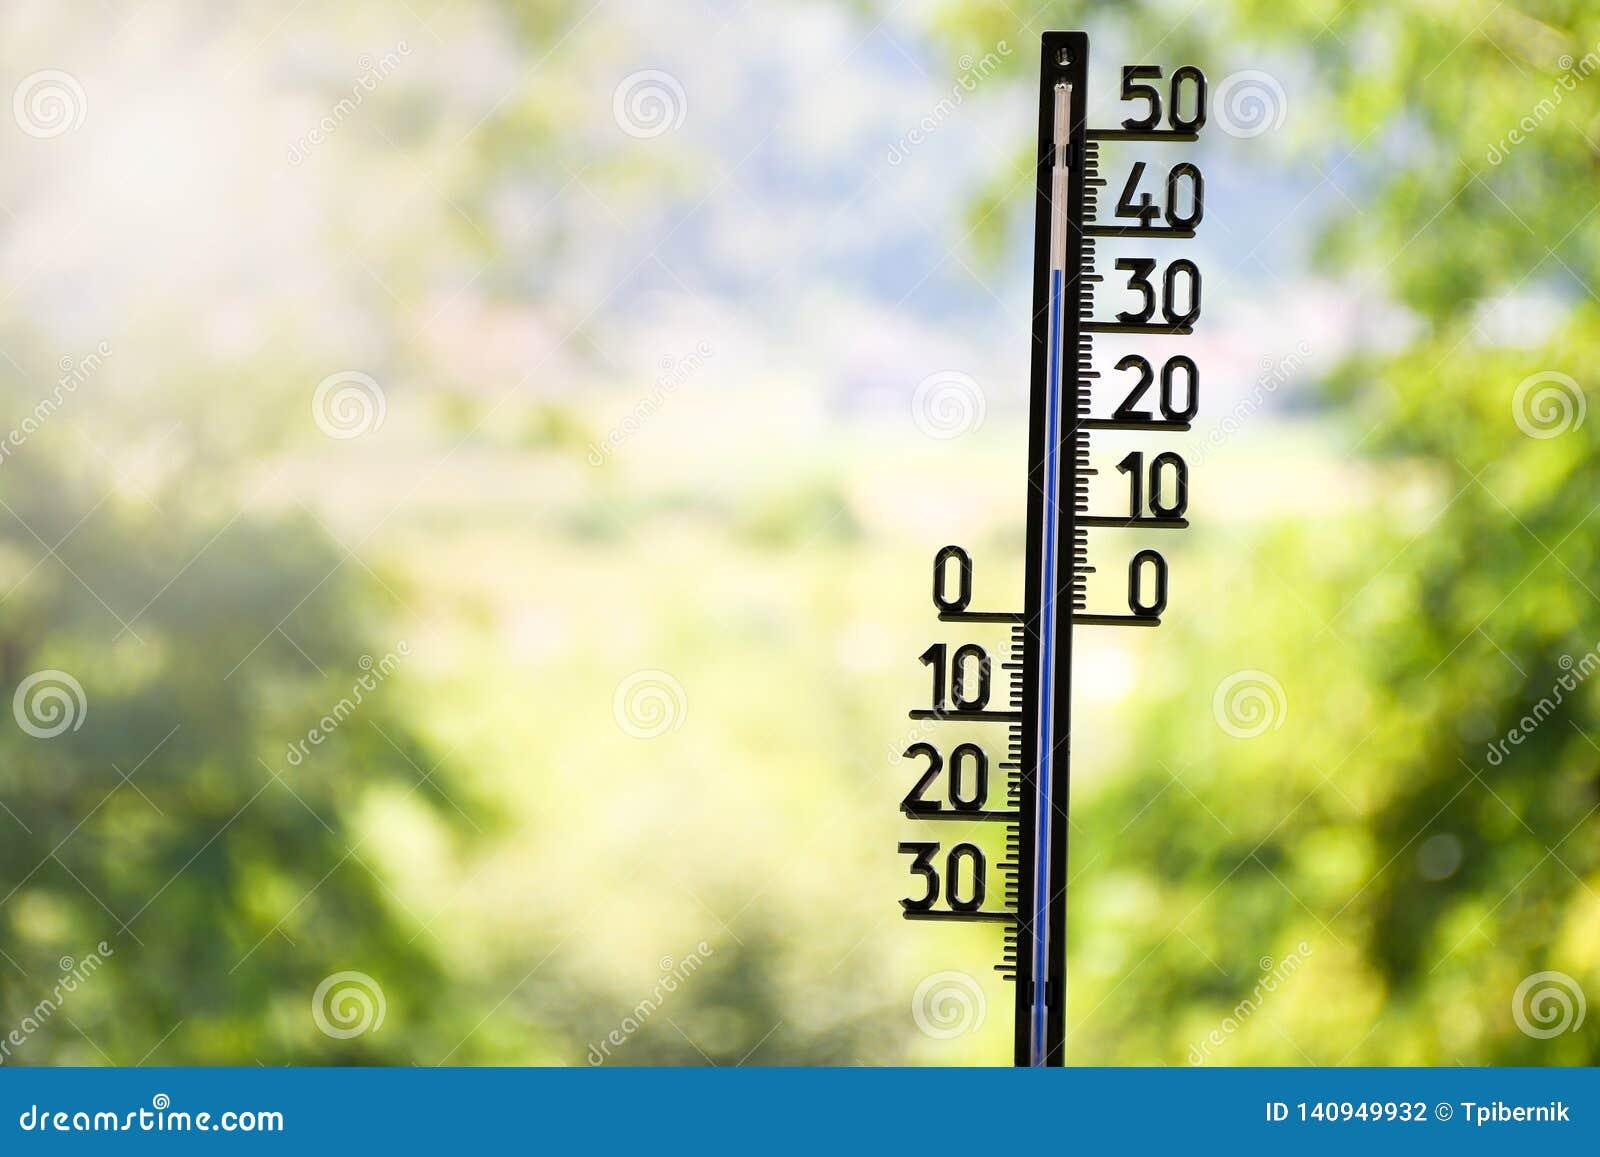 Apparence extérieure de thermomètre 36 degrés de Celsius